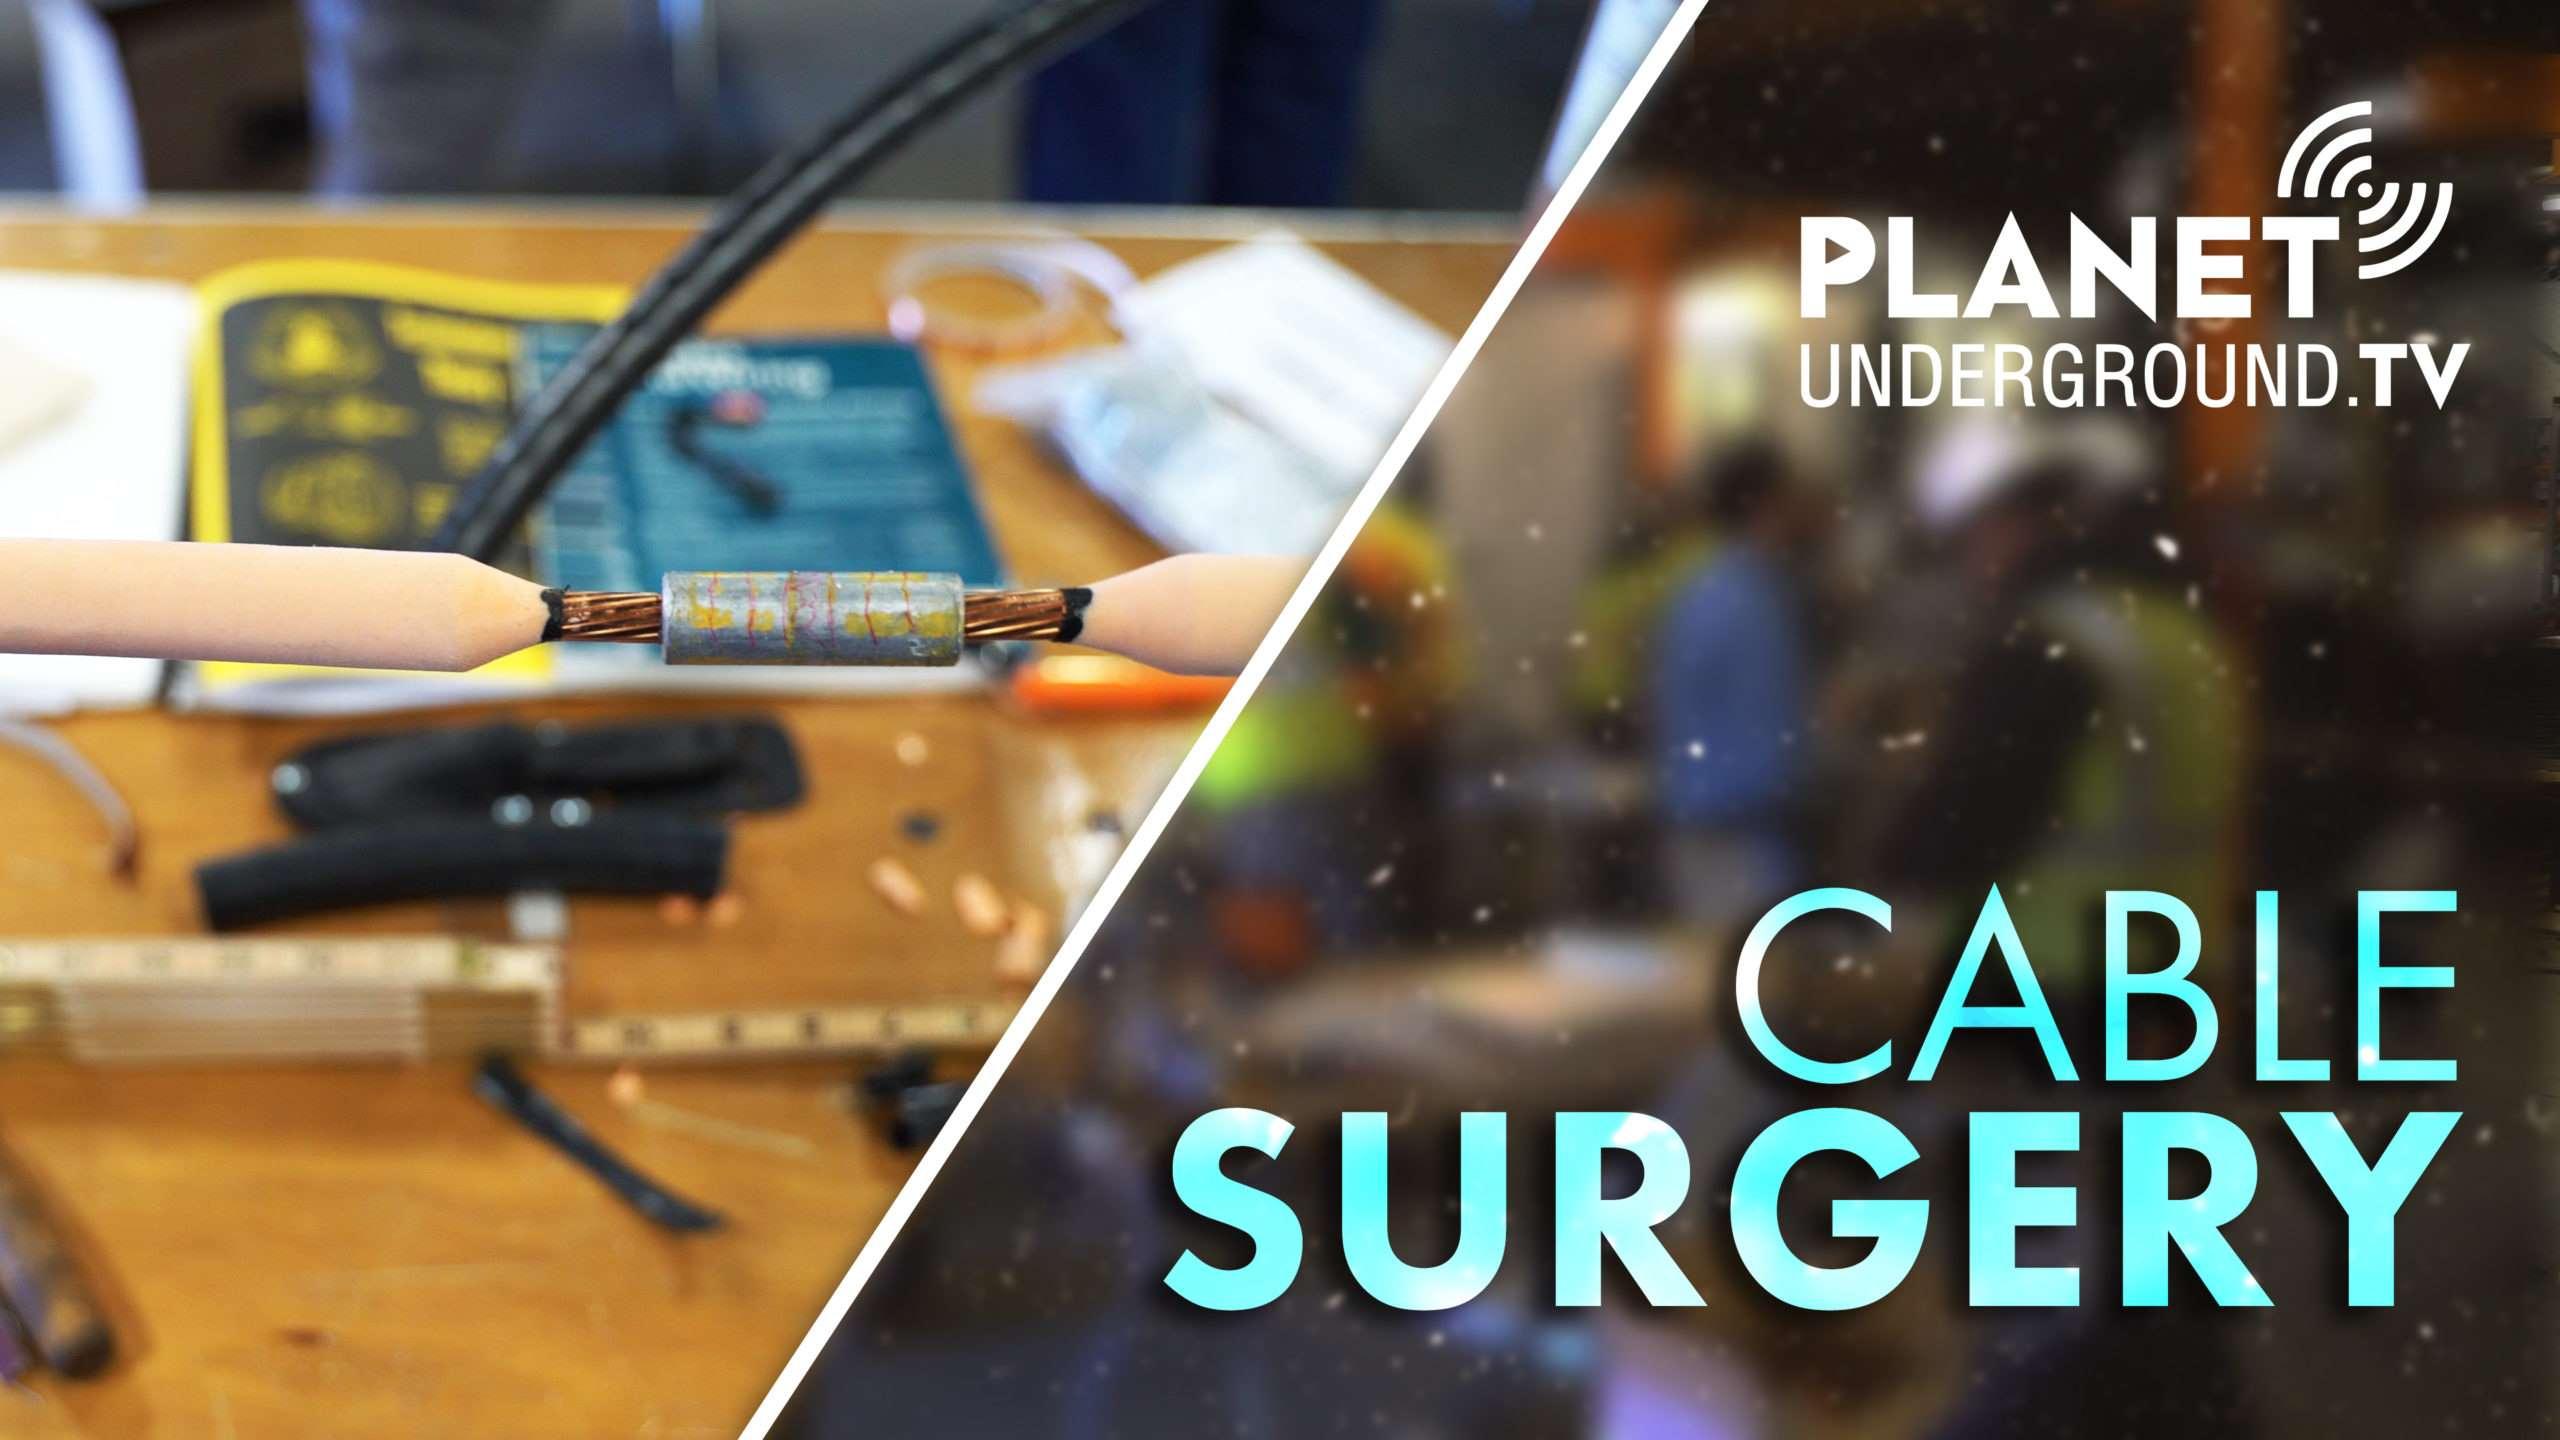 Cable Surgery: A PUTV Short